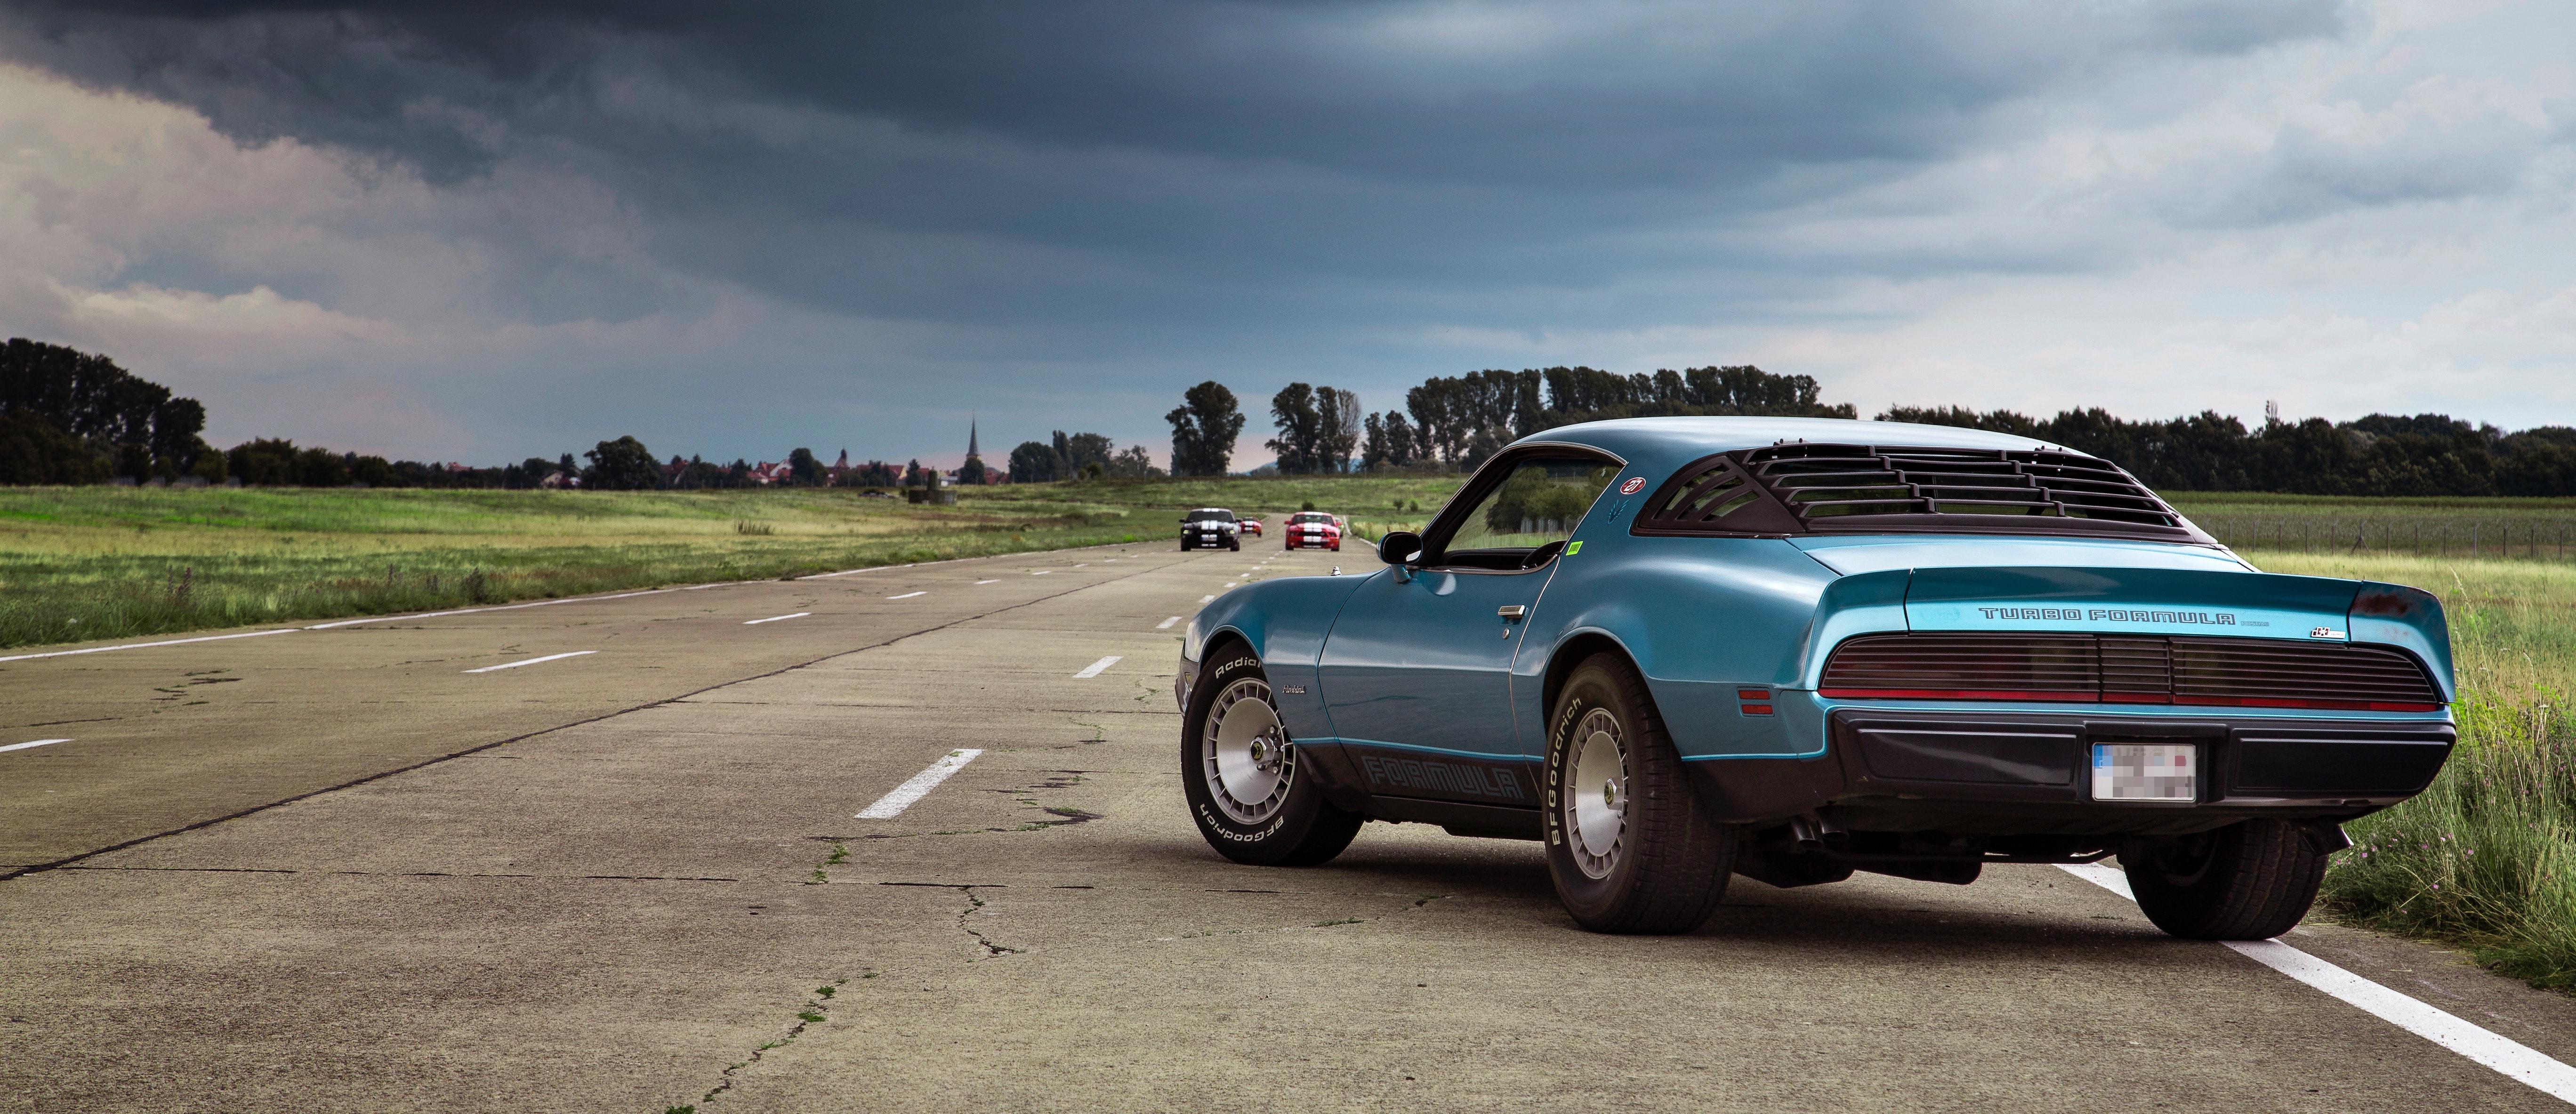 En Mustang på asfalt